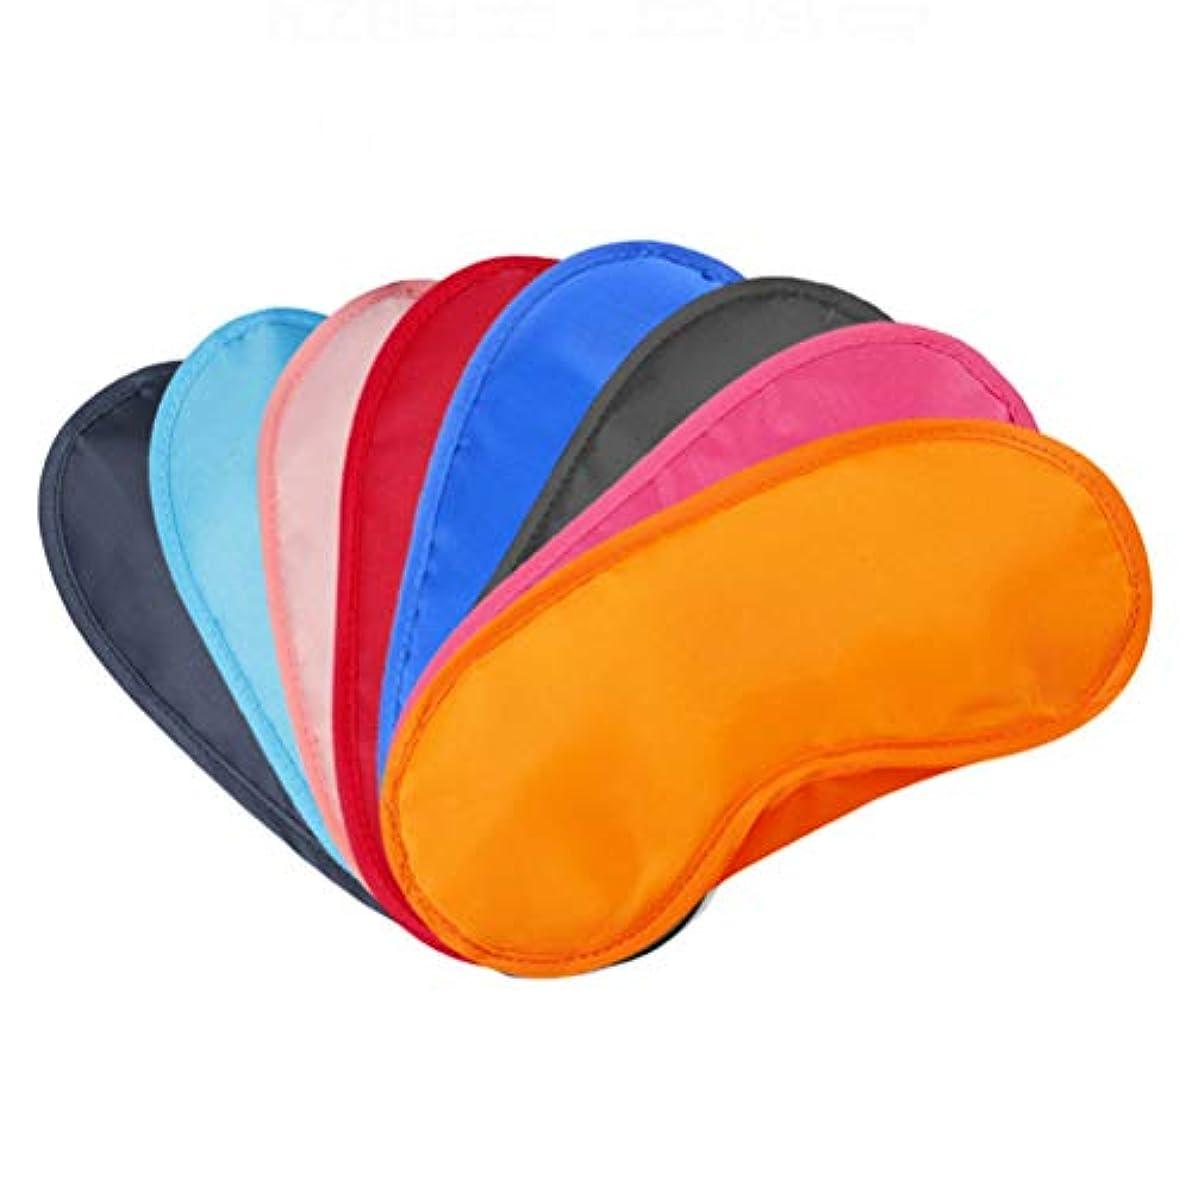 曲許容できる千Lurrose 30ピースコットンアイスリーピングマスクレストアイマスク目隠し旅行用睡眠補助剤(混色)